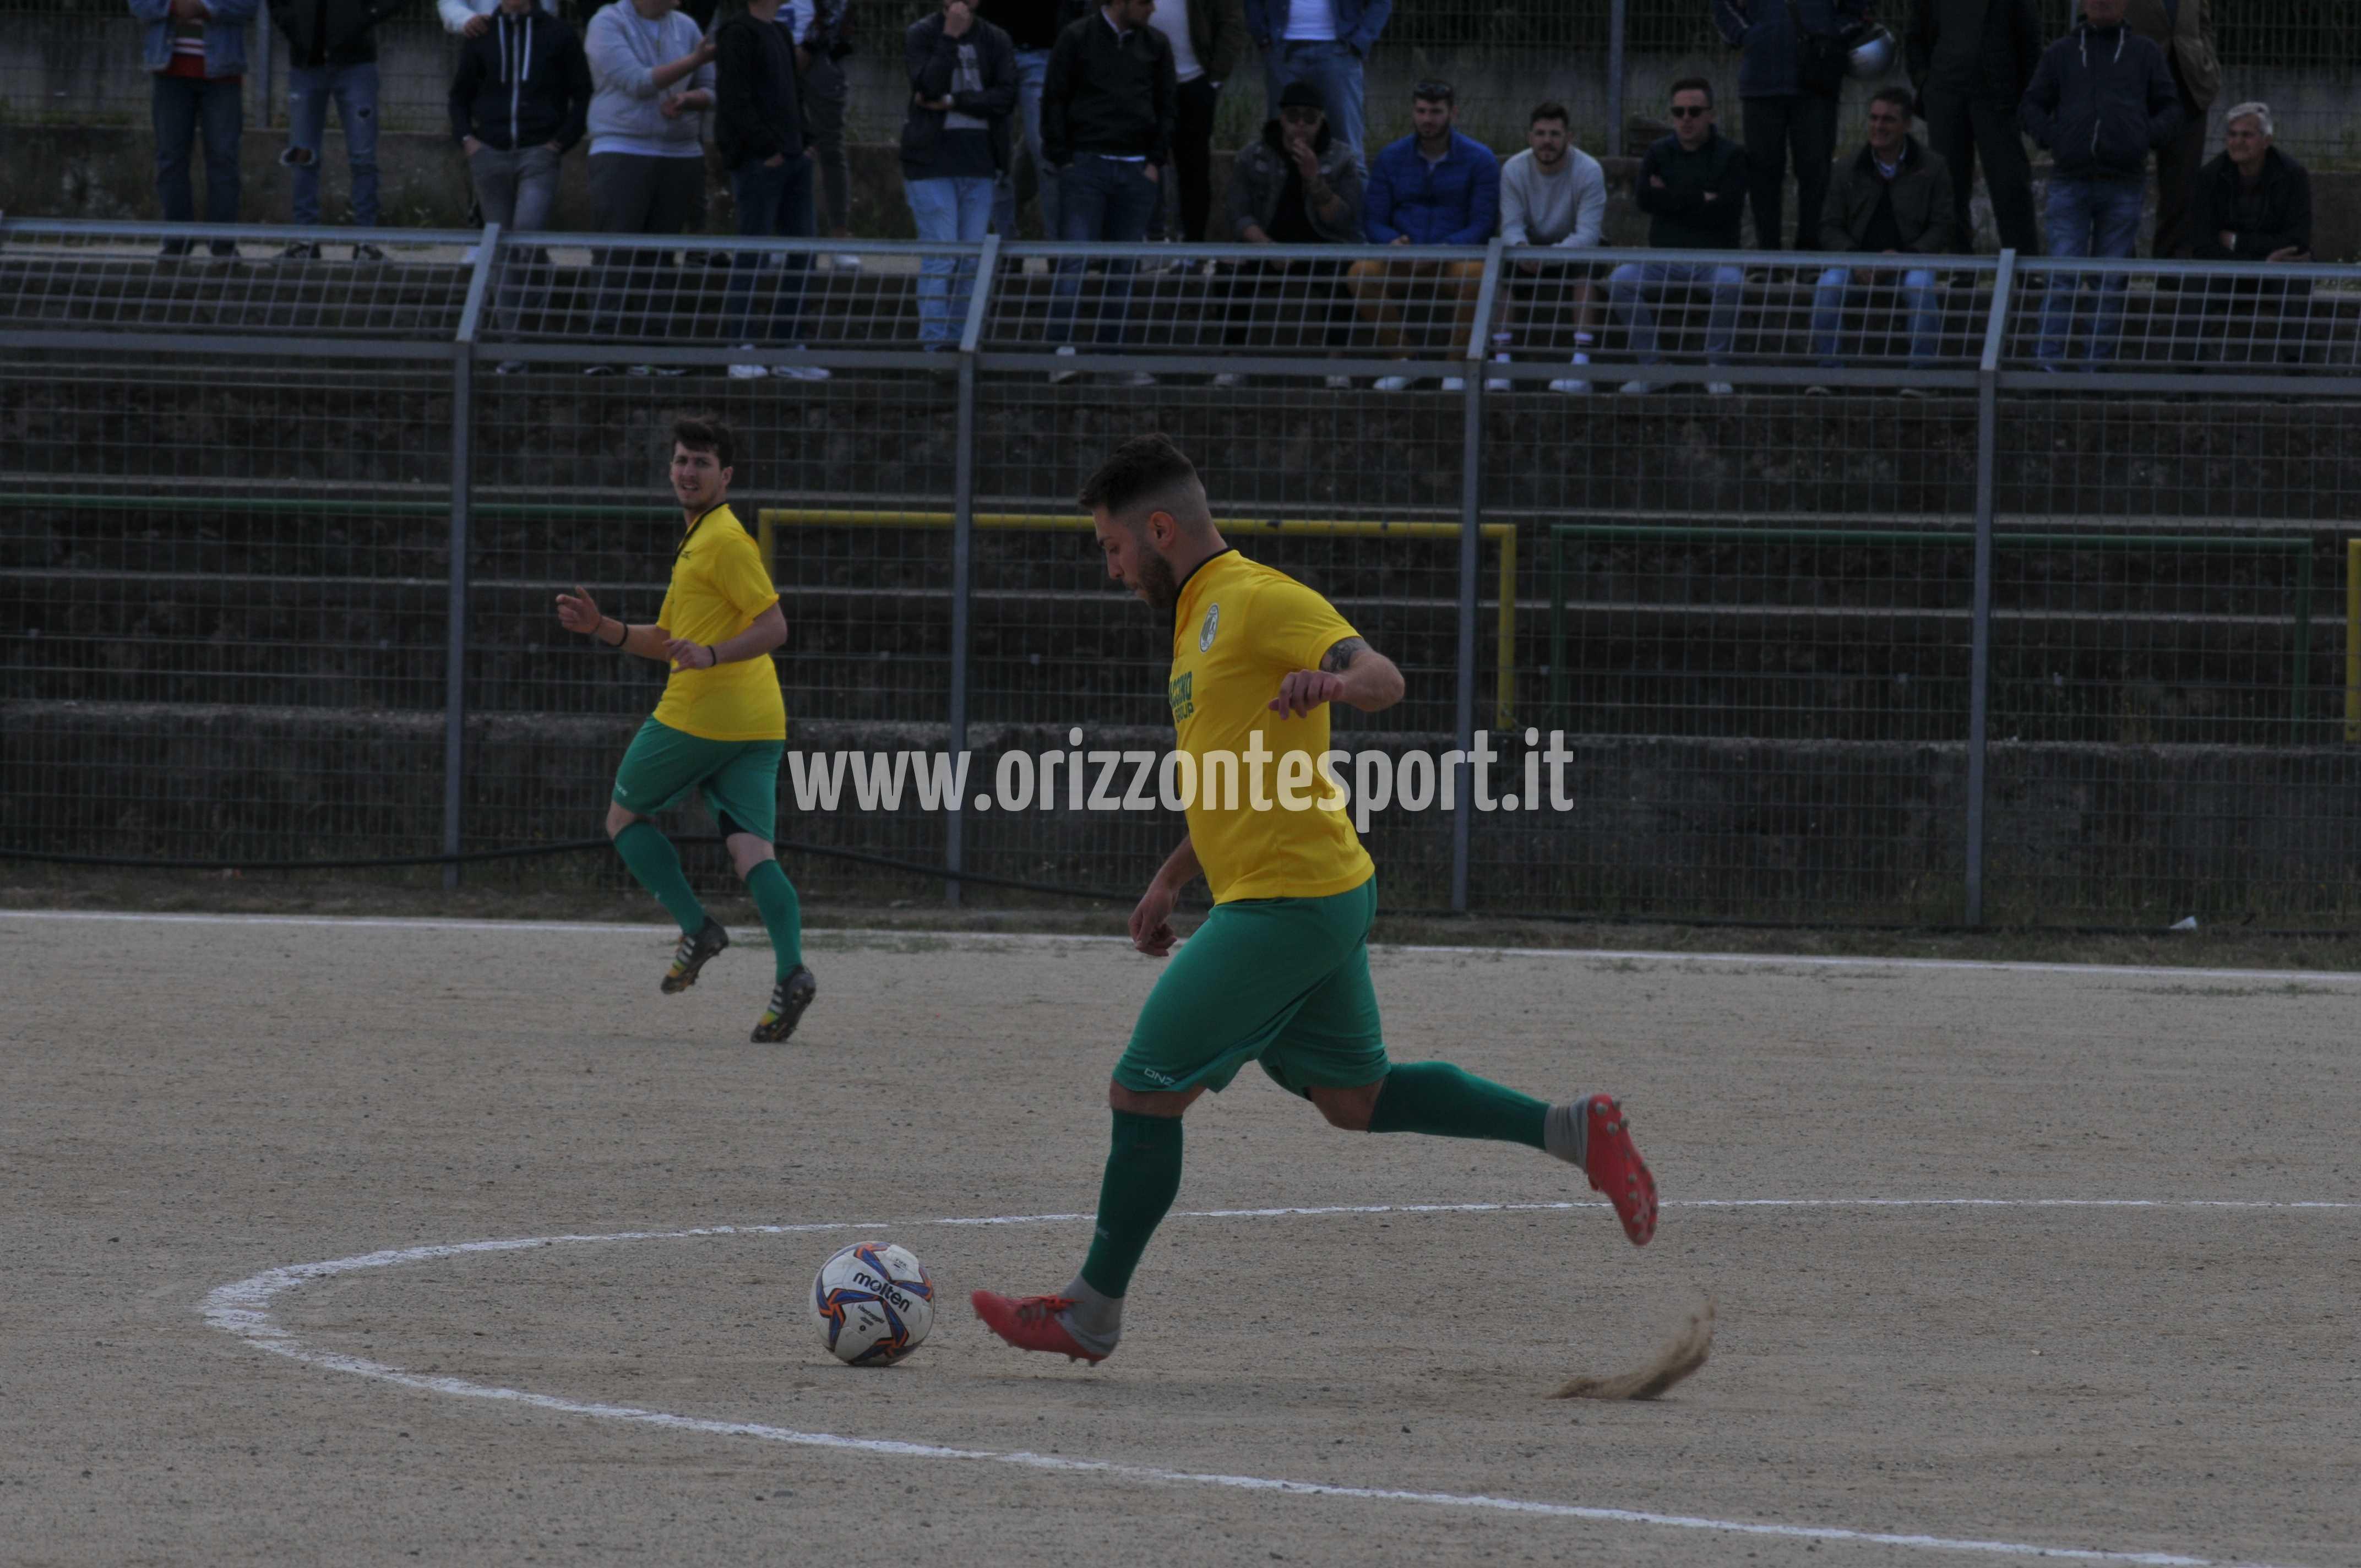 roggiano_cassano (19)